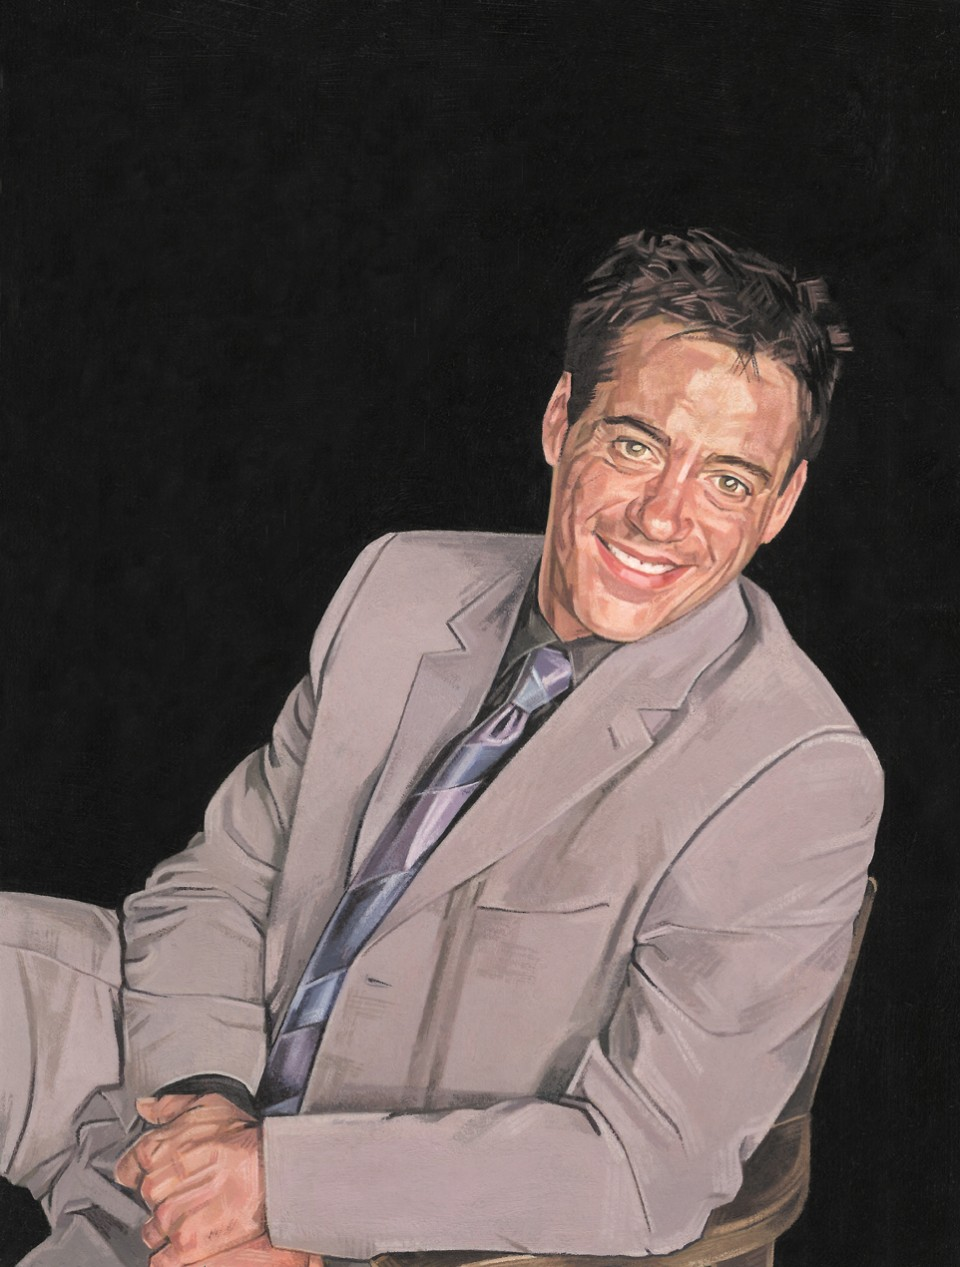 Robert Downey Jr. / Chris Kasch.Illustration Robert Downey